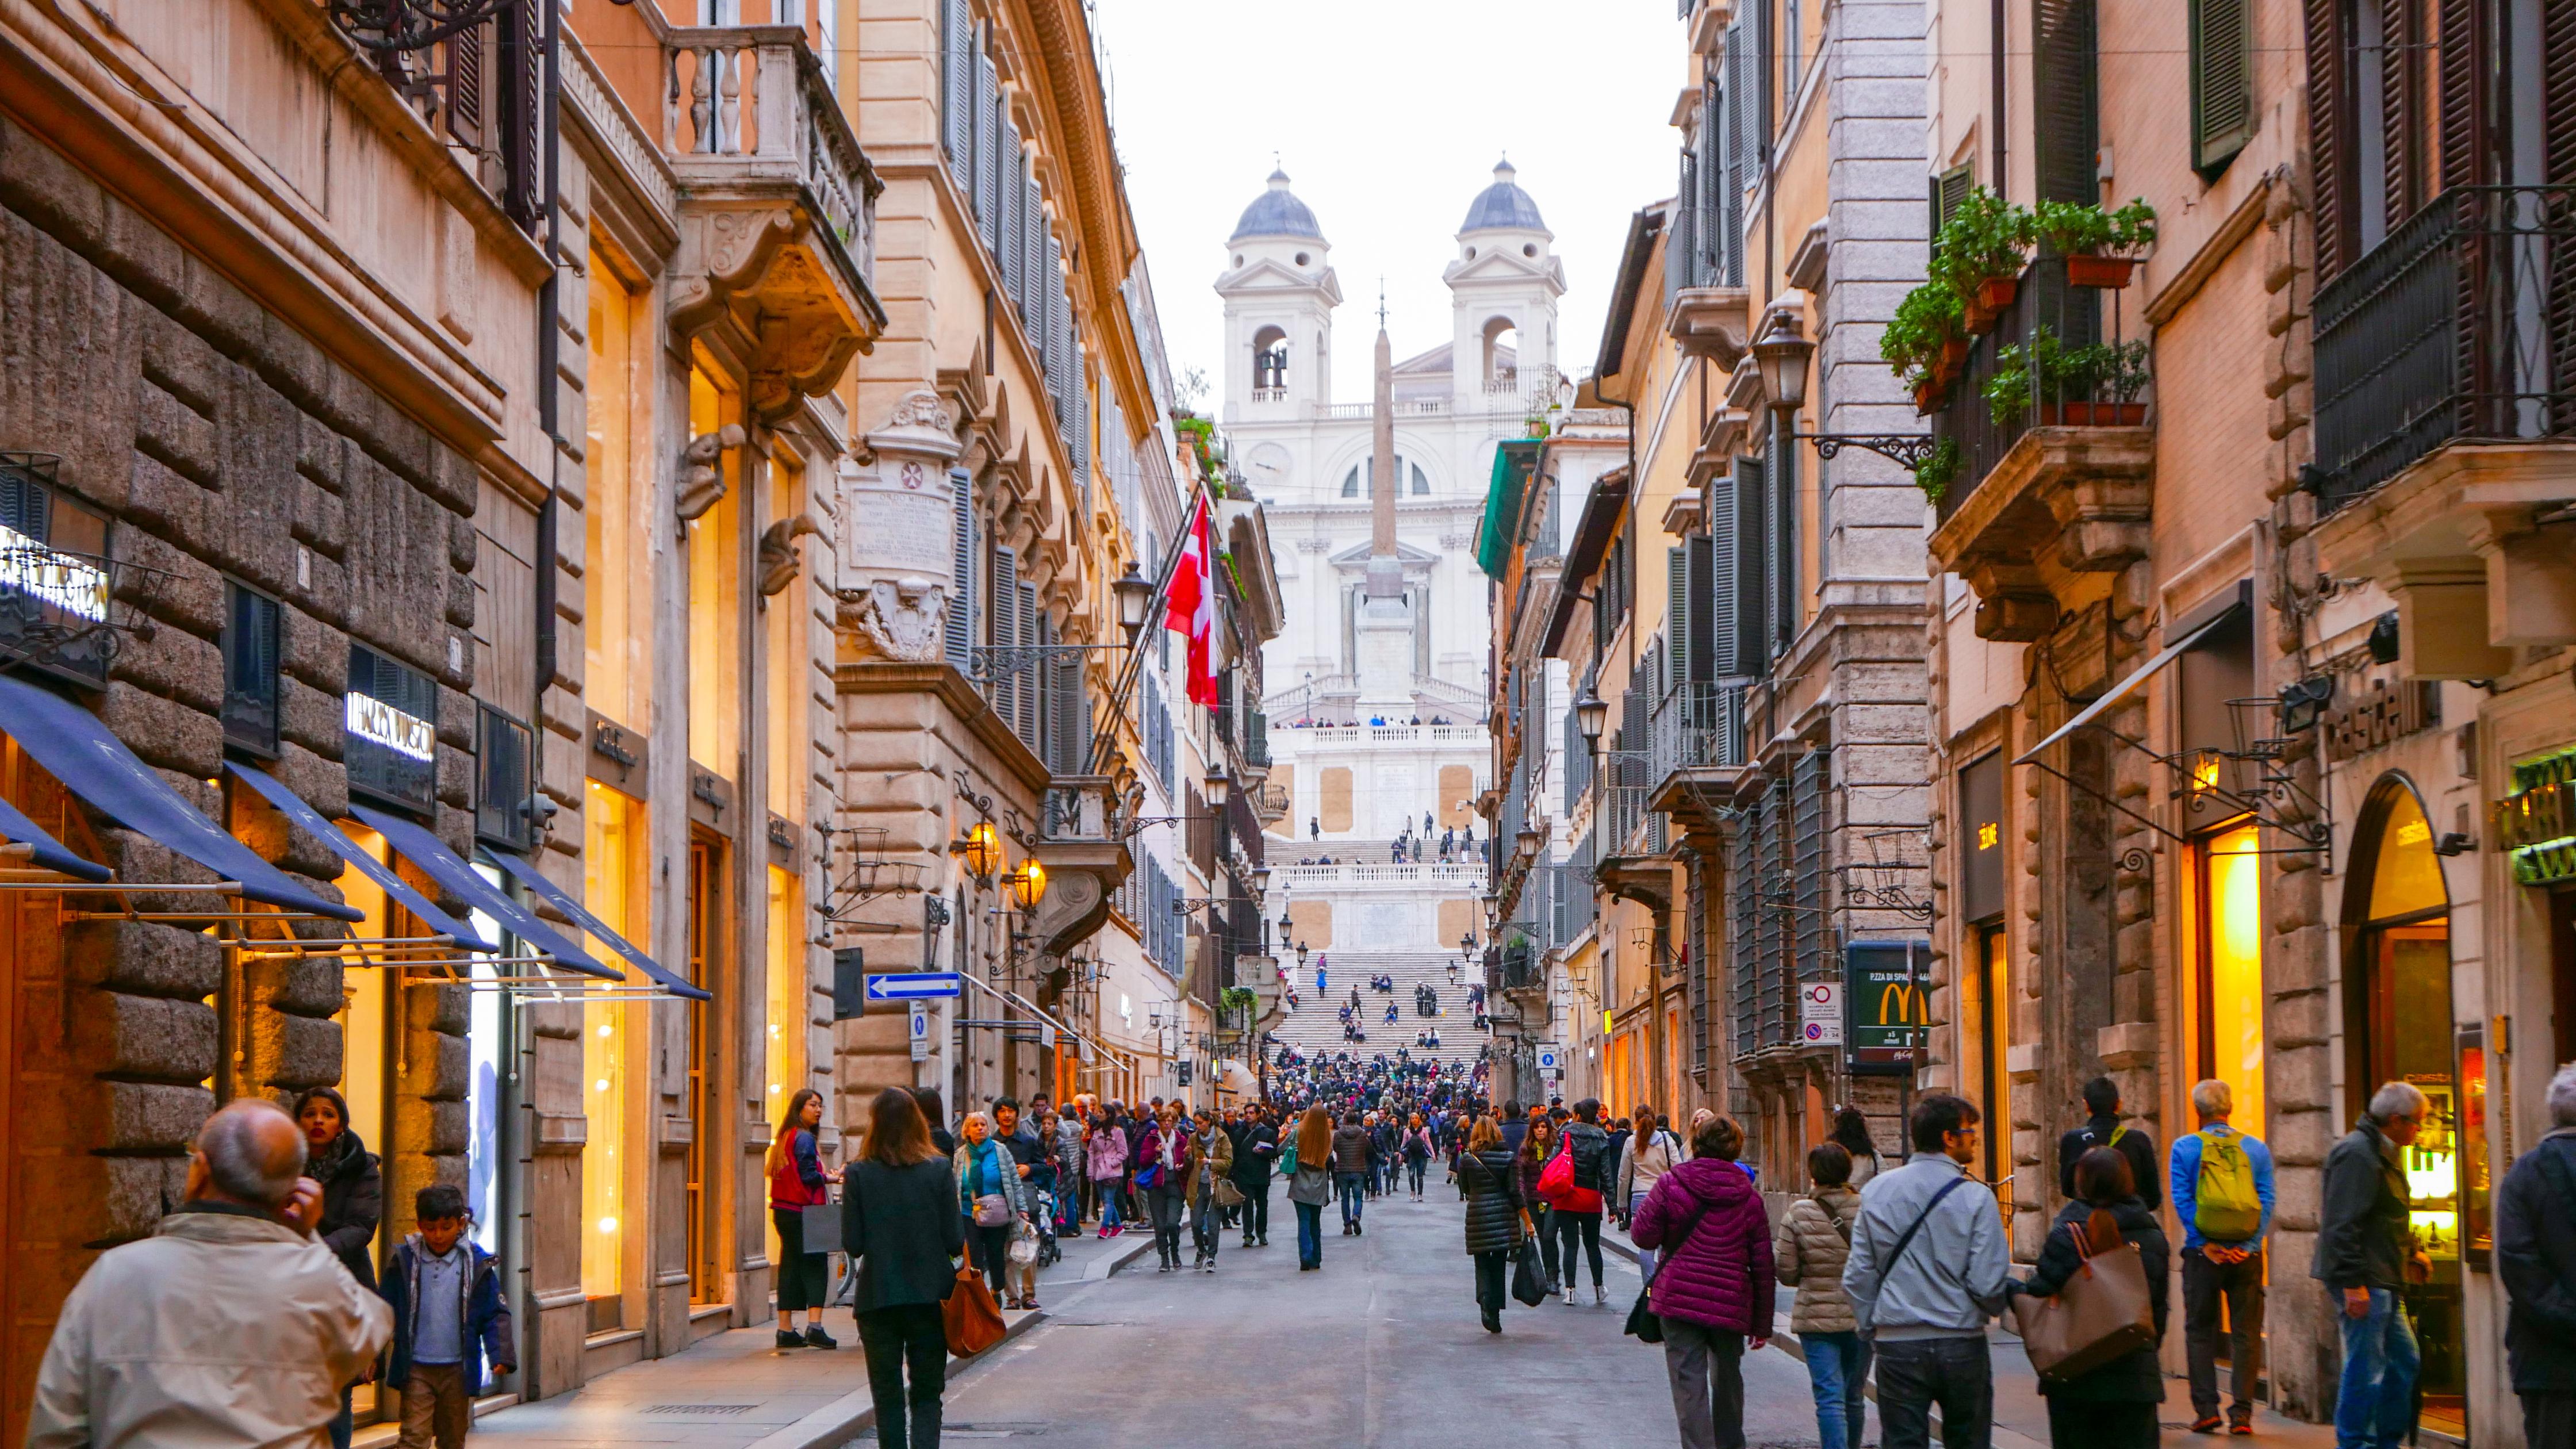 Ulica sa ekskluzivnim buticima u blizini Španskog trga u Rimu (foto: Shutterstock)